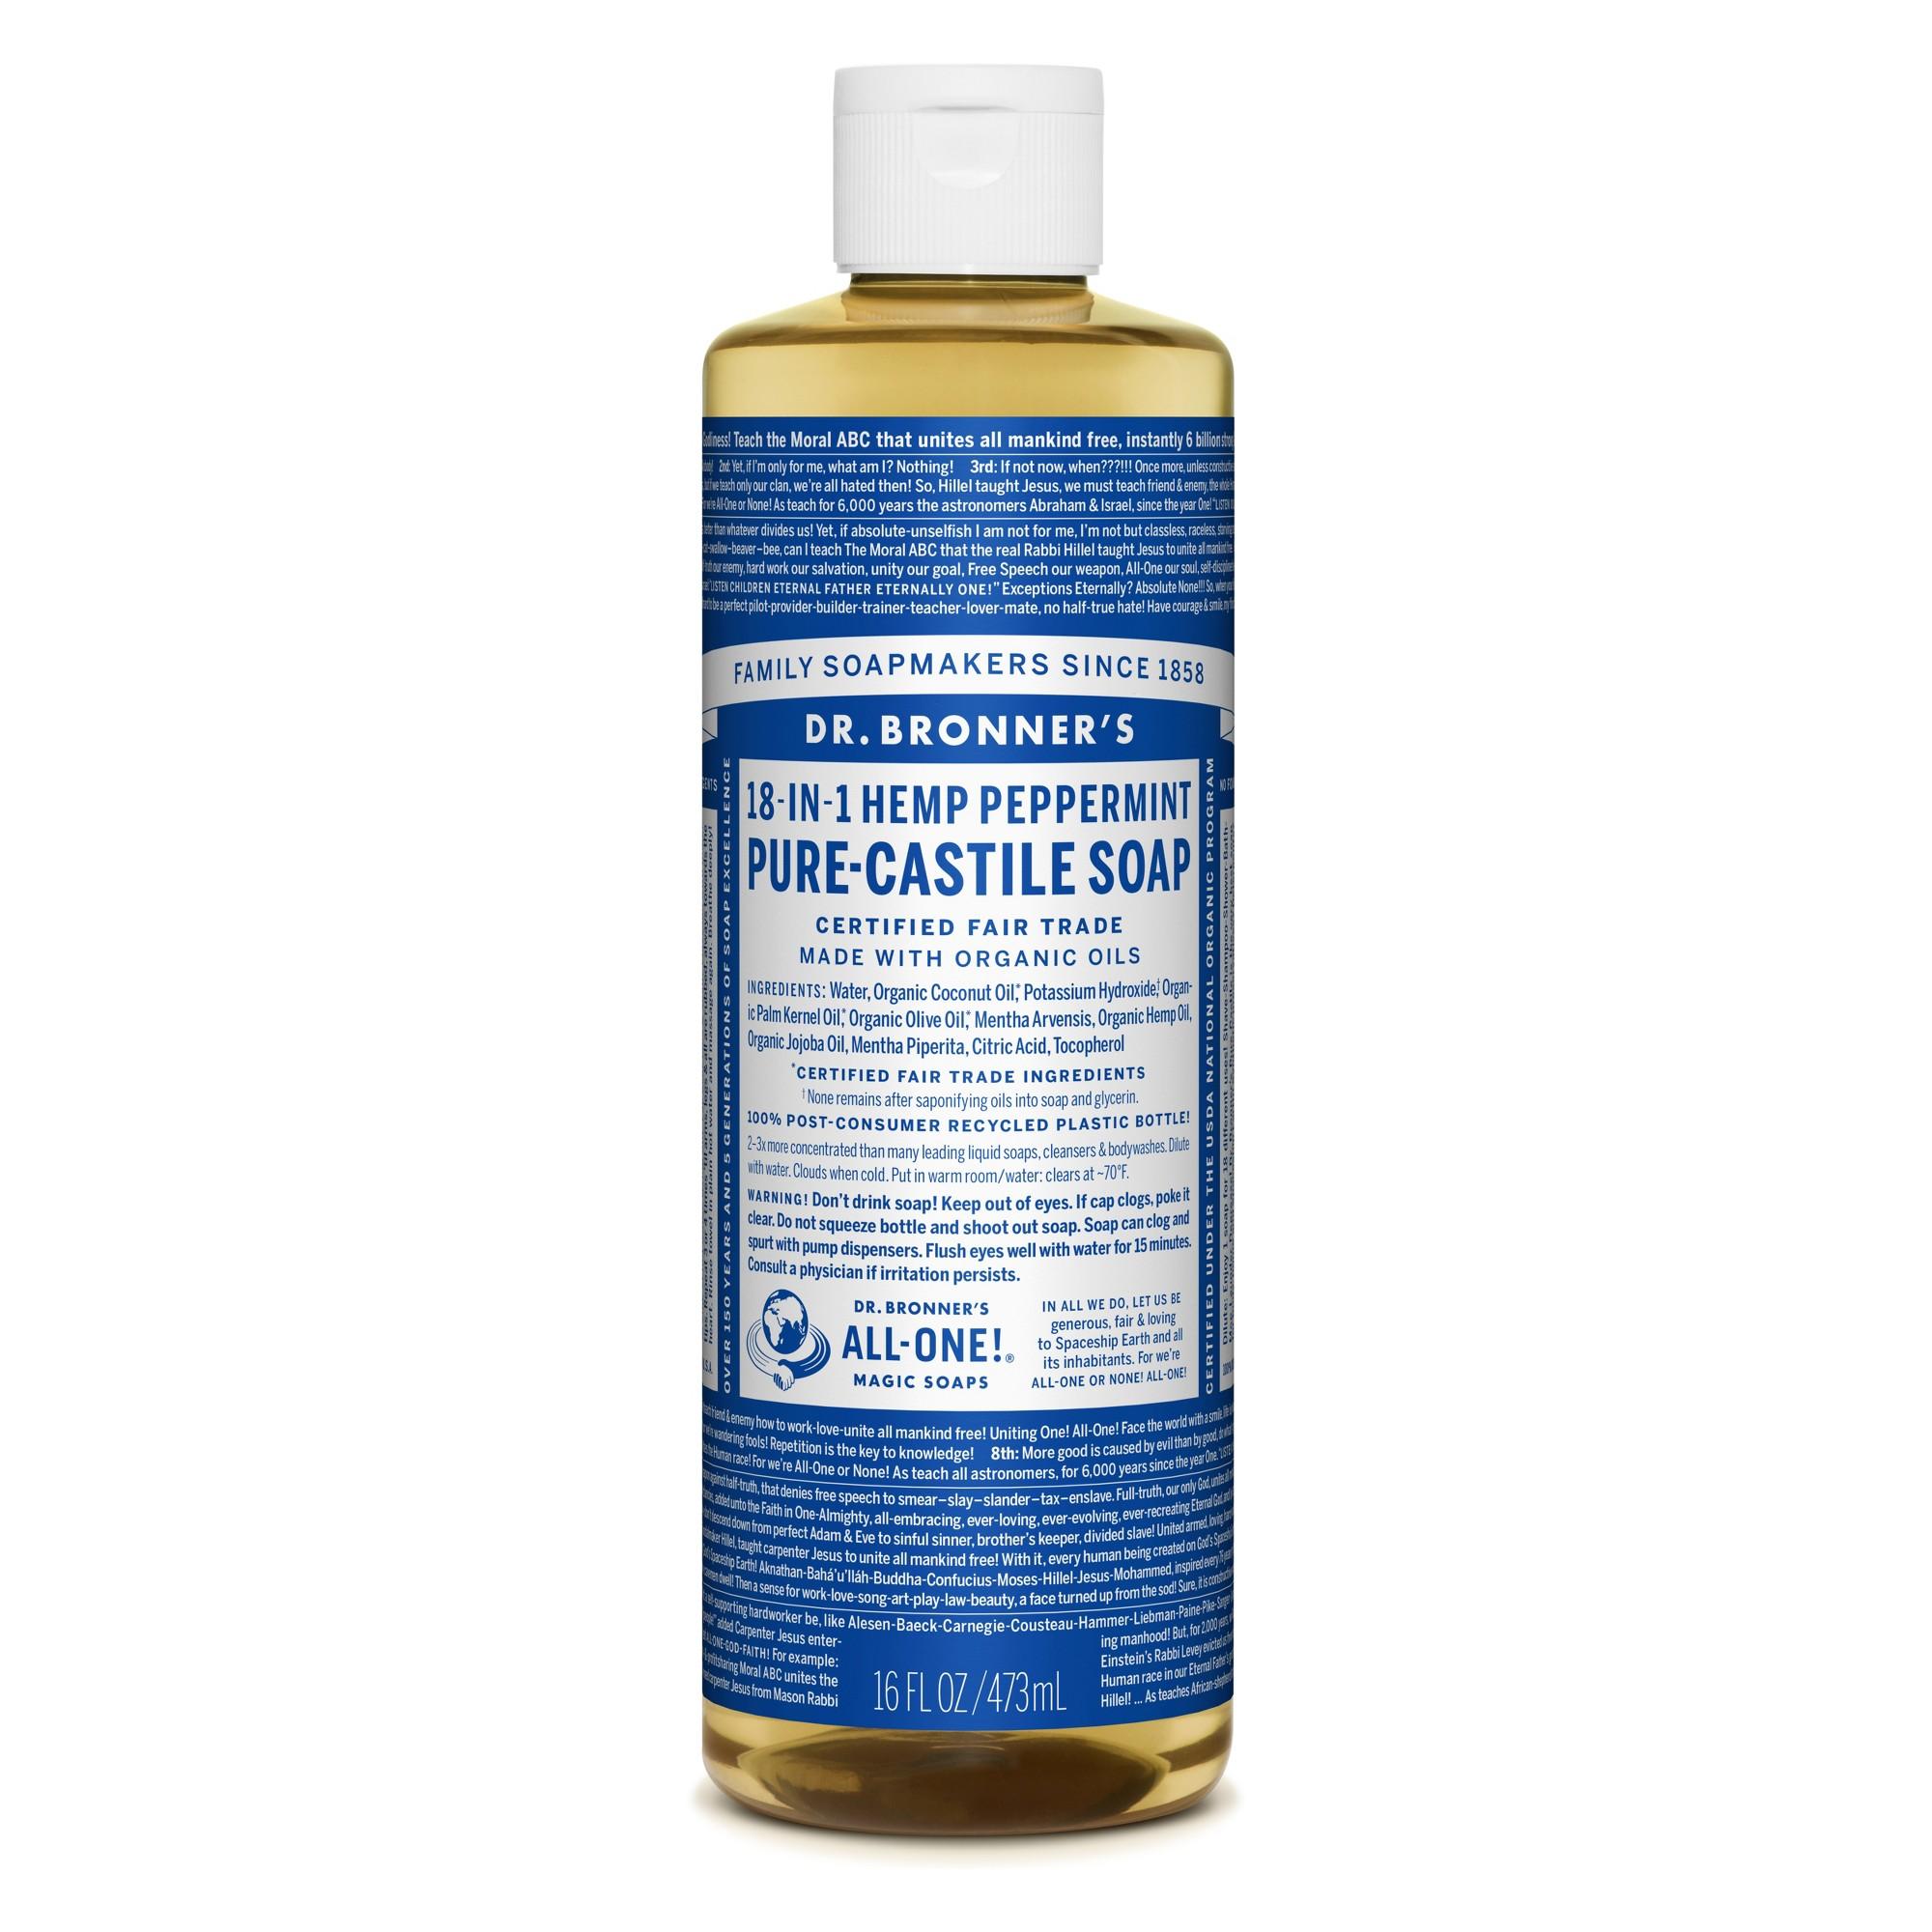 Dr. Bronner's Pure Castile Soap - Peppermint - 16 oz